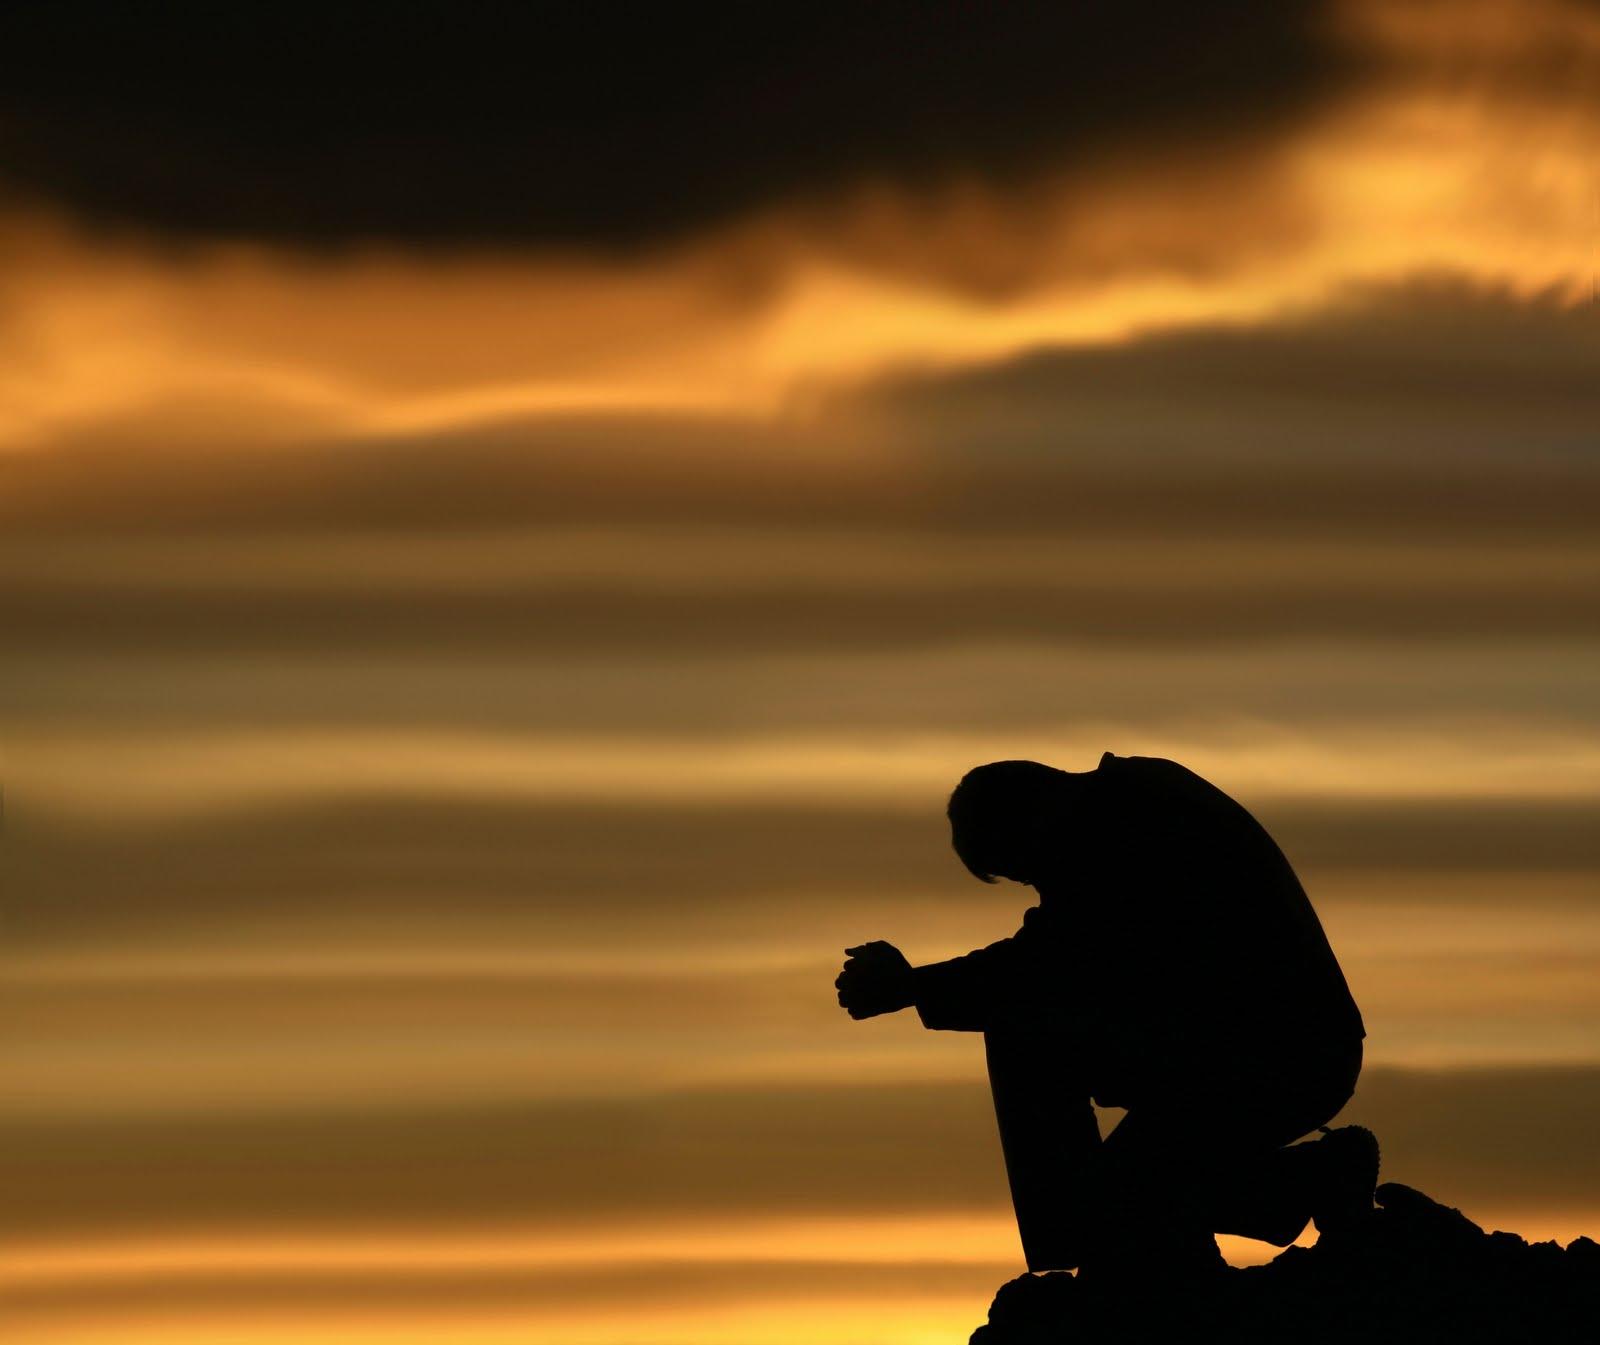 Gambar gambar+orang+sedih+sakit+dan+patah+hati+Lengkap+2